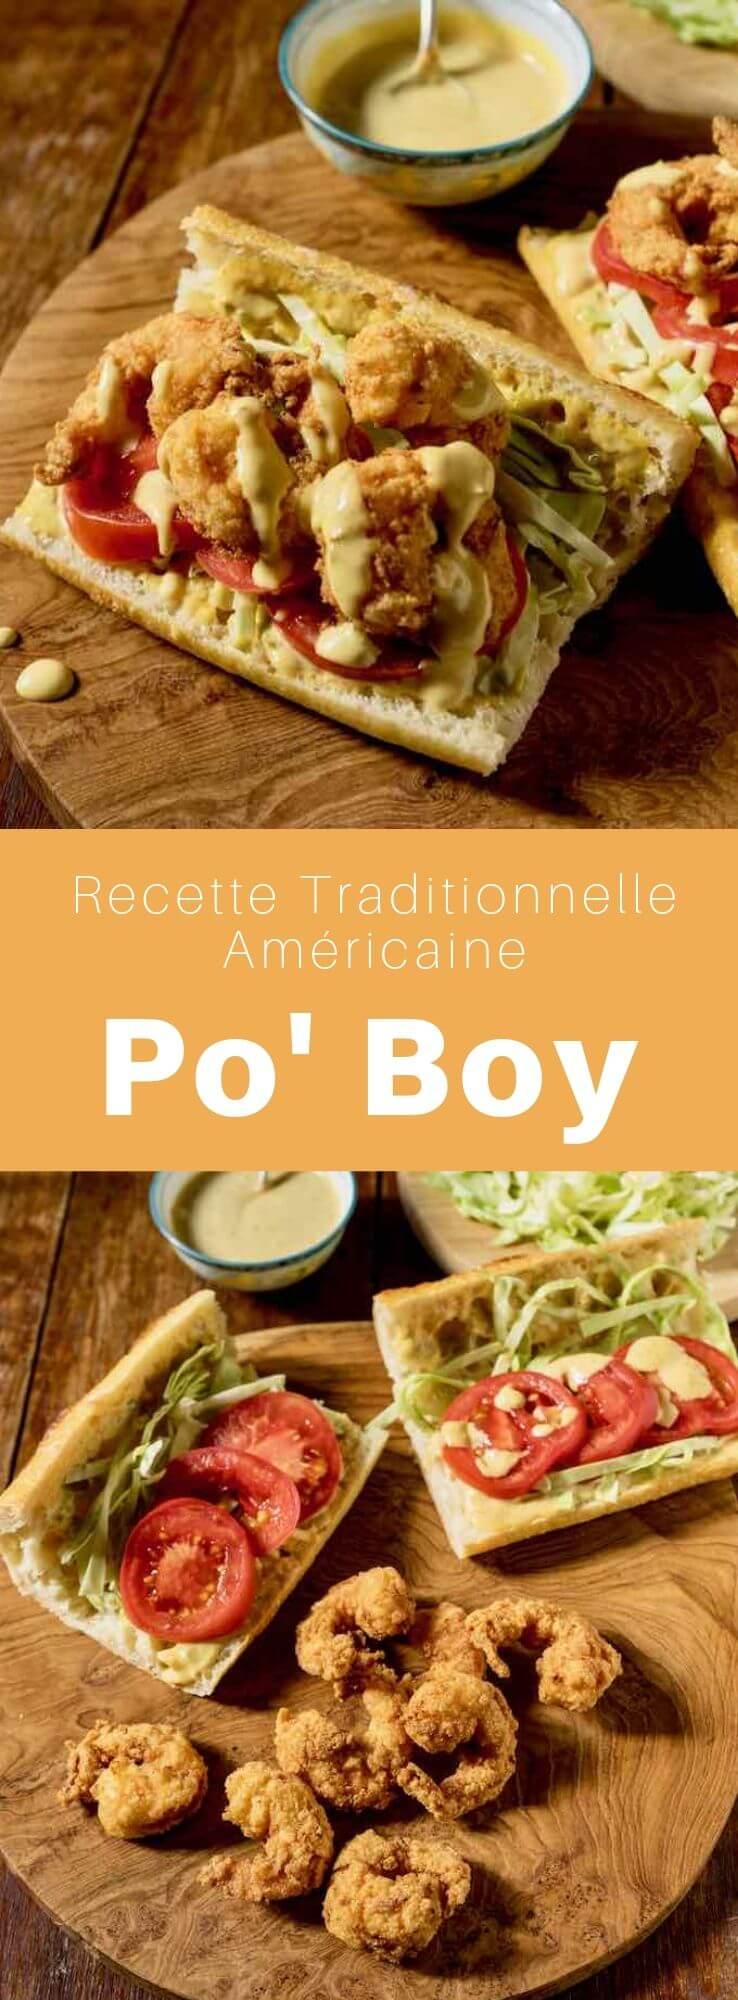 Le po' boy est un sandwich de Louisiane composé de fruits de mer frits ou de bœuf rôti. Il est servi dans un pain baguette dérivé de la baguette française. #RecetteAmericaine #CuisineAmericaine #CuisineDuMonde #196flavors